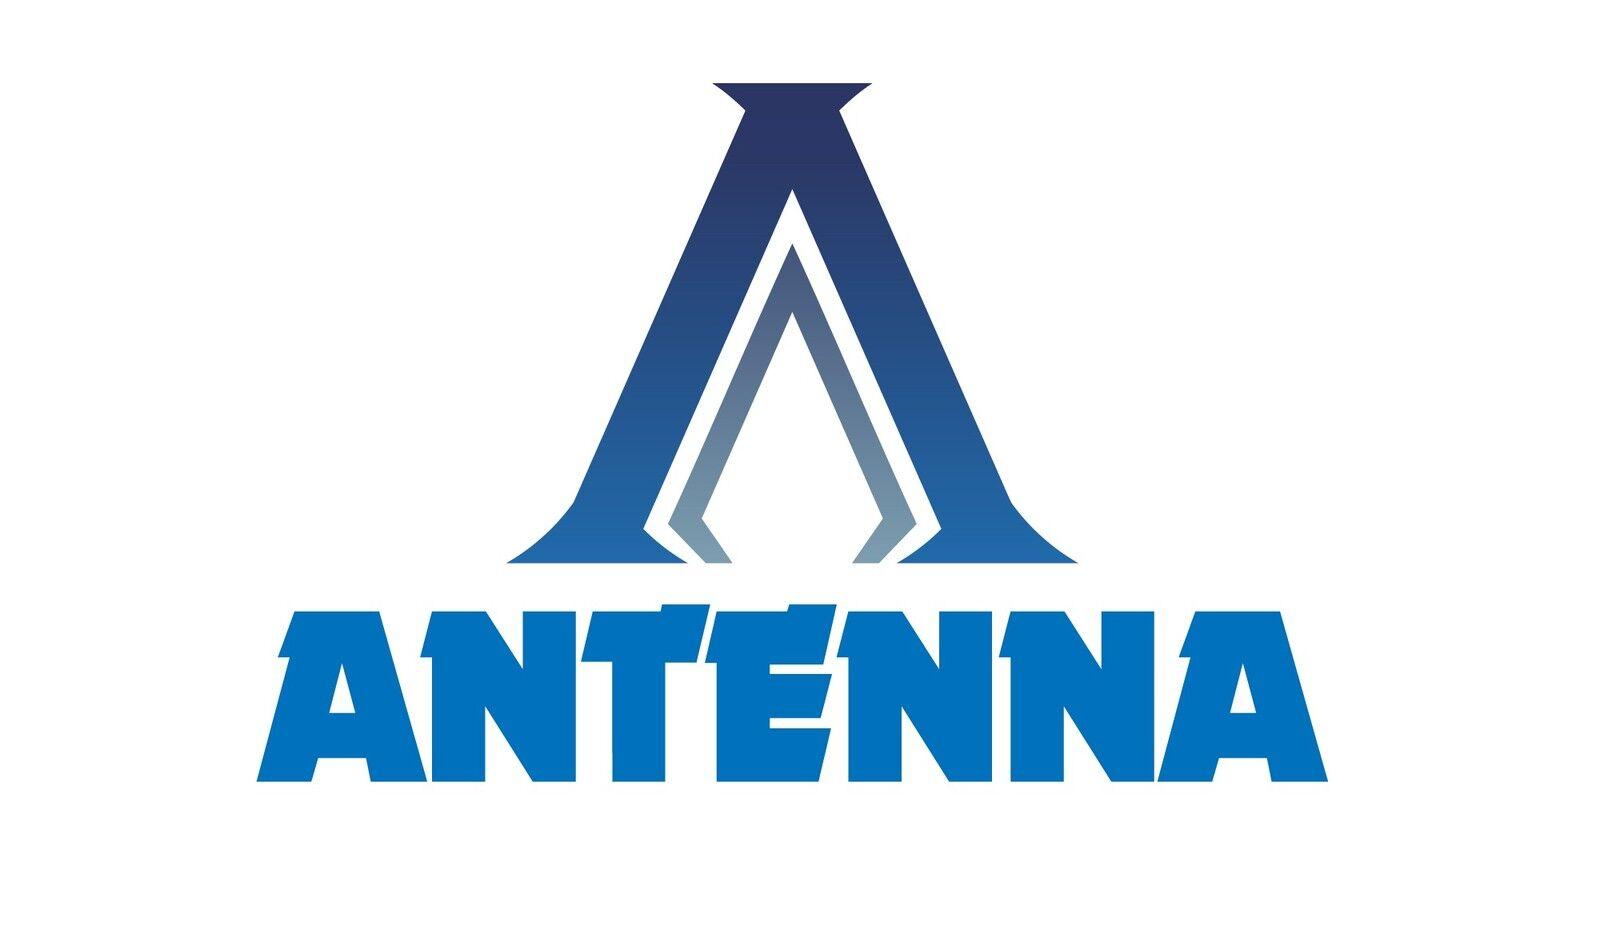 Antenna.shop